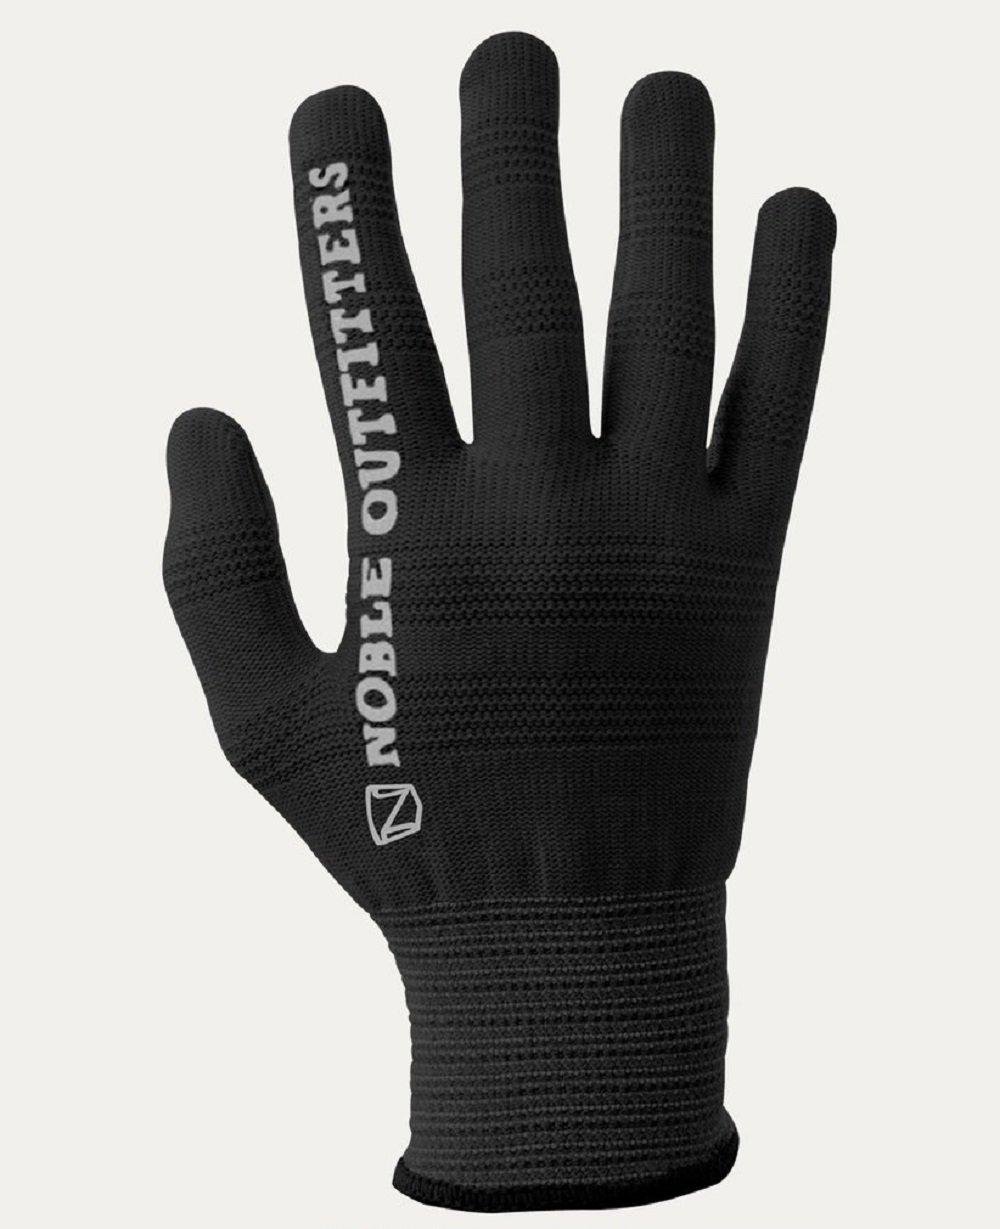 ノーブルOutfitters Trueflexロープ状手袋ブラック12パックXL  B07CH4532N